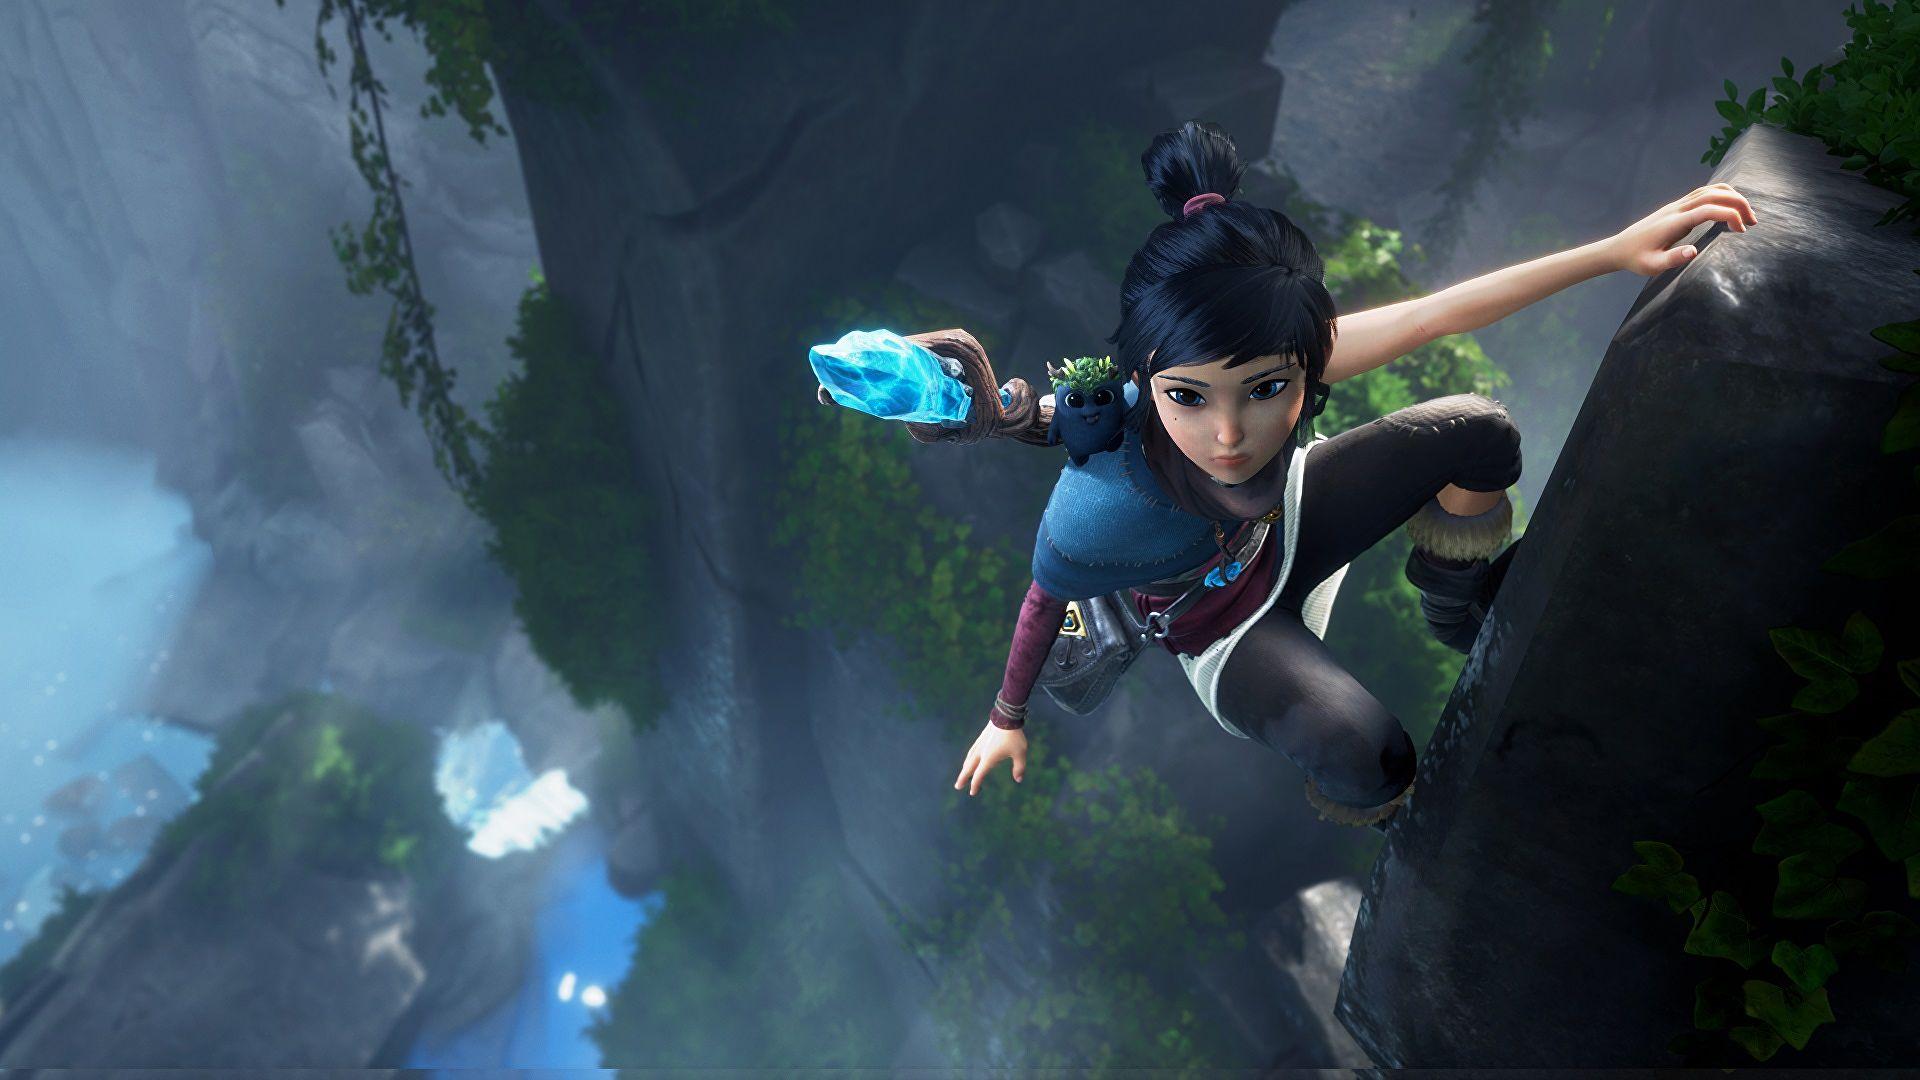 《凯娜:精神之桥》或无续集 开发者将探索其他可能性